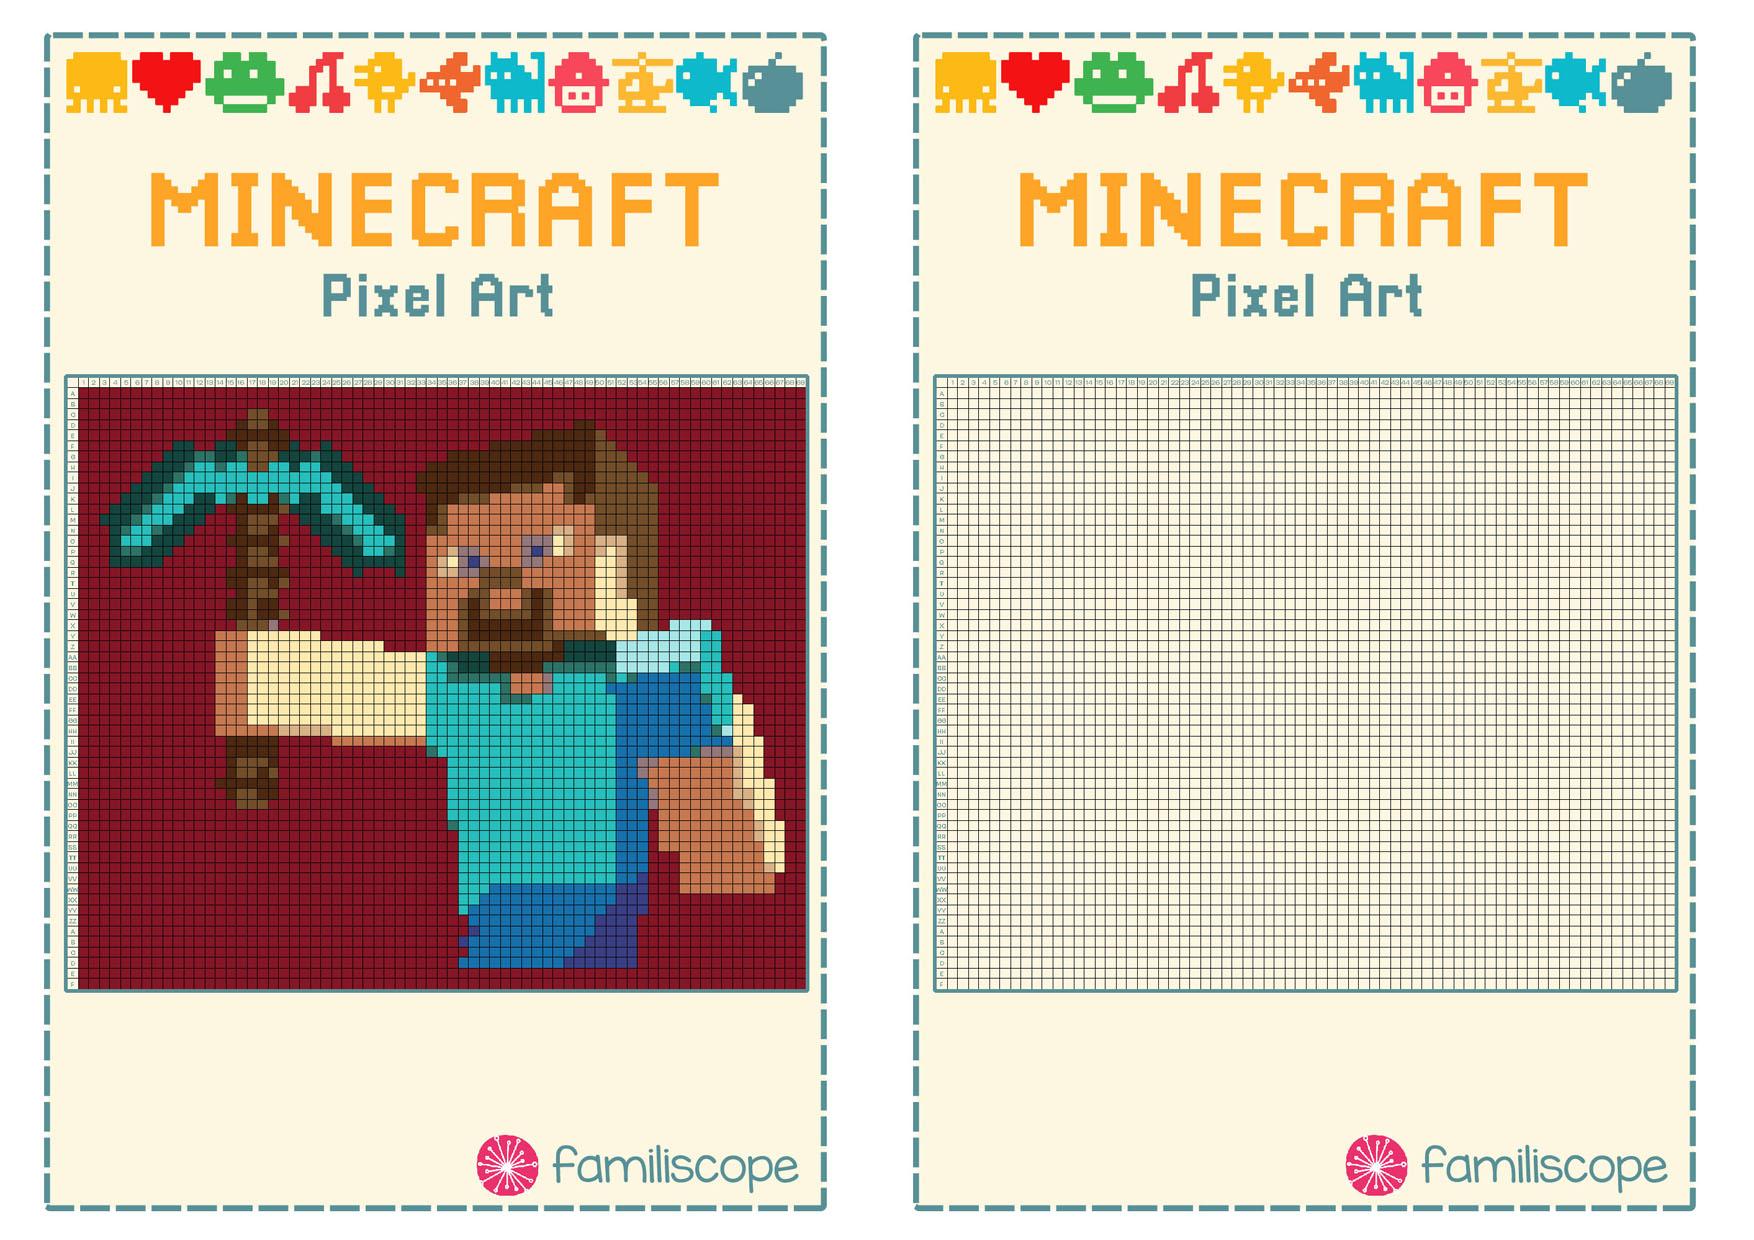 Minecraft Dessin Pixel A Imprimer Et A Colorier intérieur Jeux De Dessin Pixel Art Gratuit